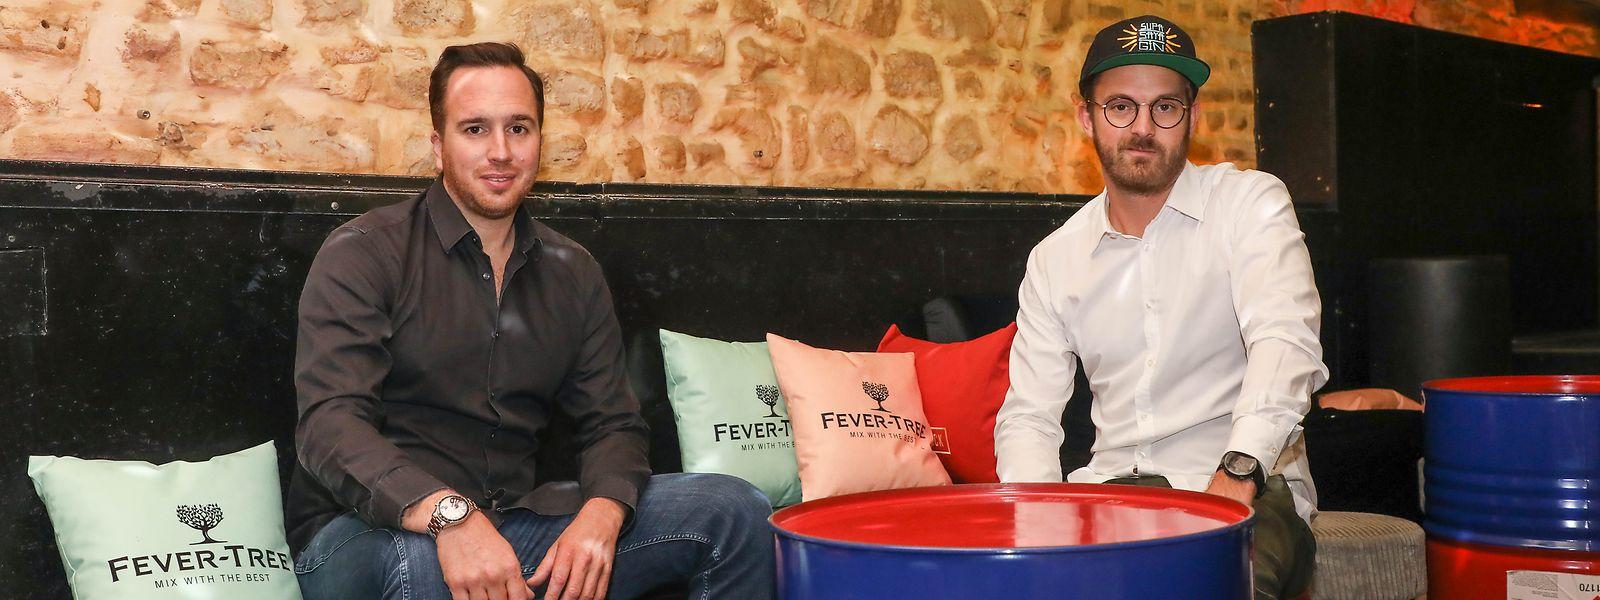 Les gérants de l'Apoteca, Marc Grandjean et Jérôme Stoffel, ont bien souhaité transformer leur boite, mais l'opération ne s'avère pas rentable.